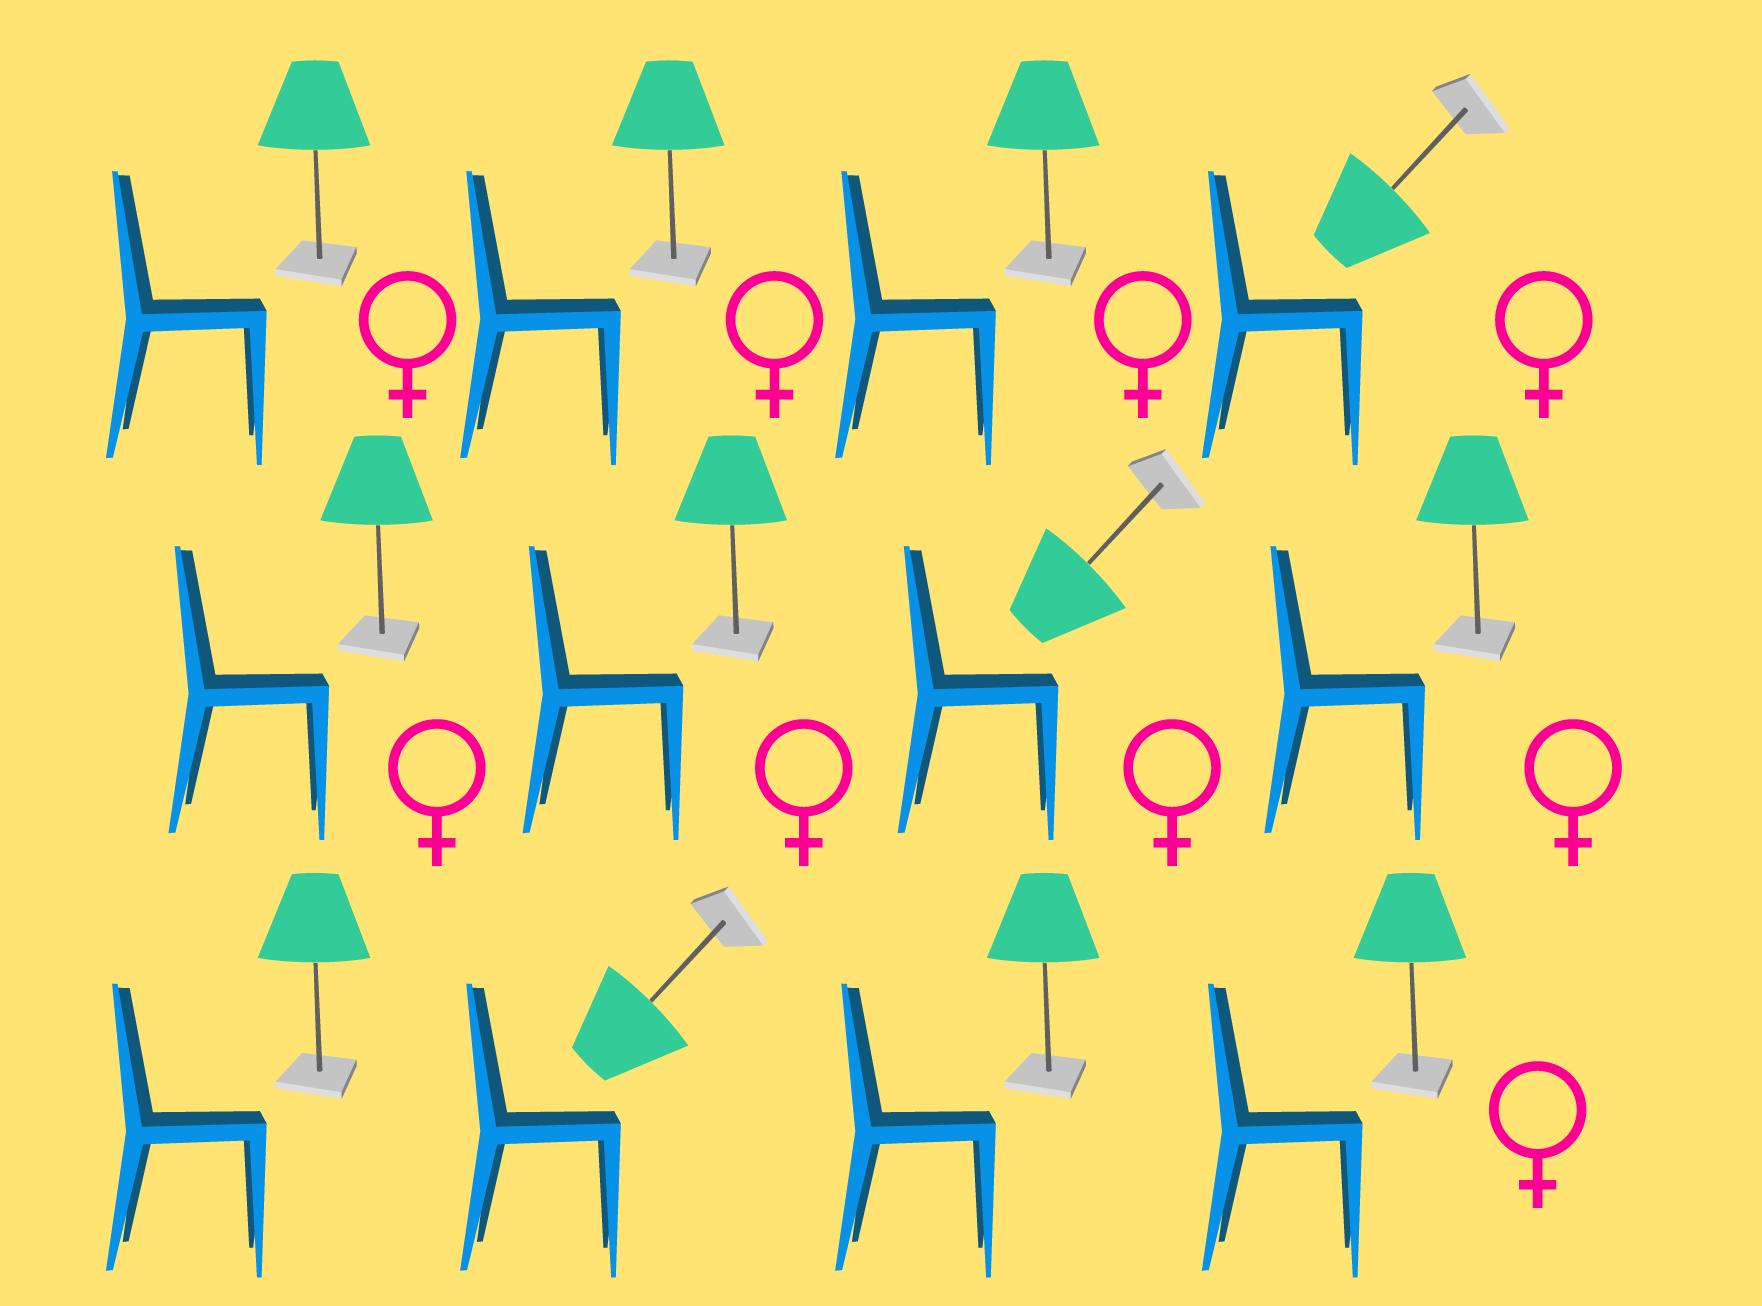 Imagem que mostra um padrão com desenhos de uma cadeira, um abajur e um símbolo do feminino.